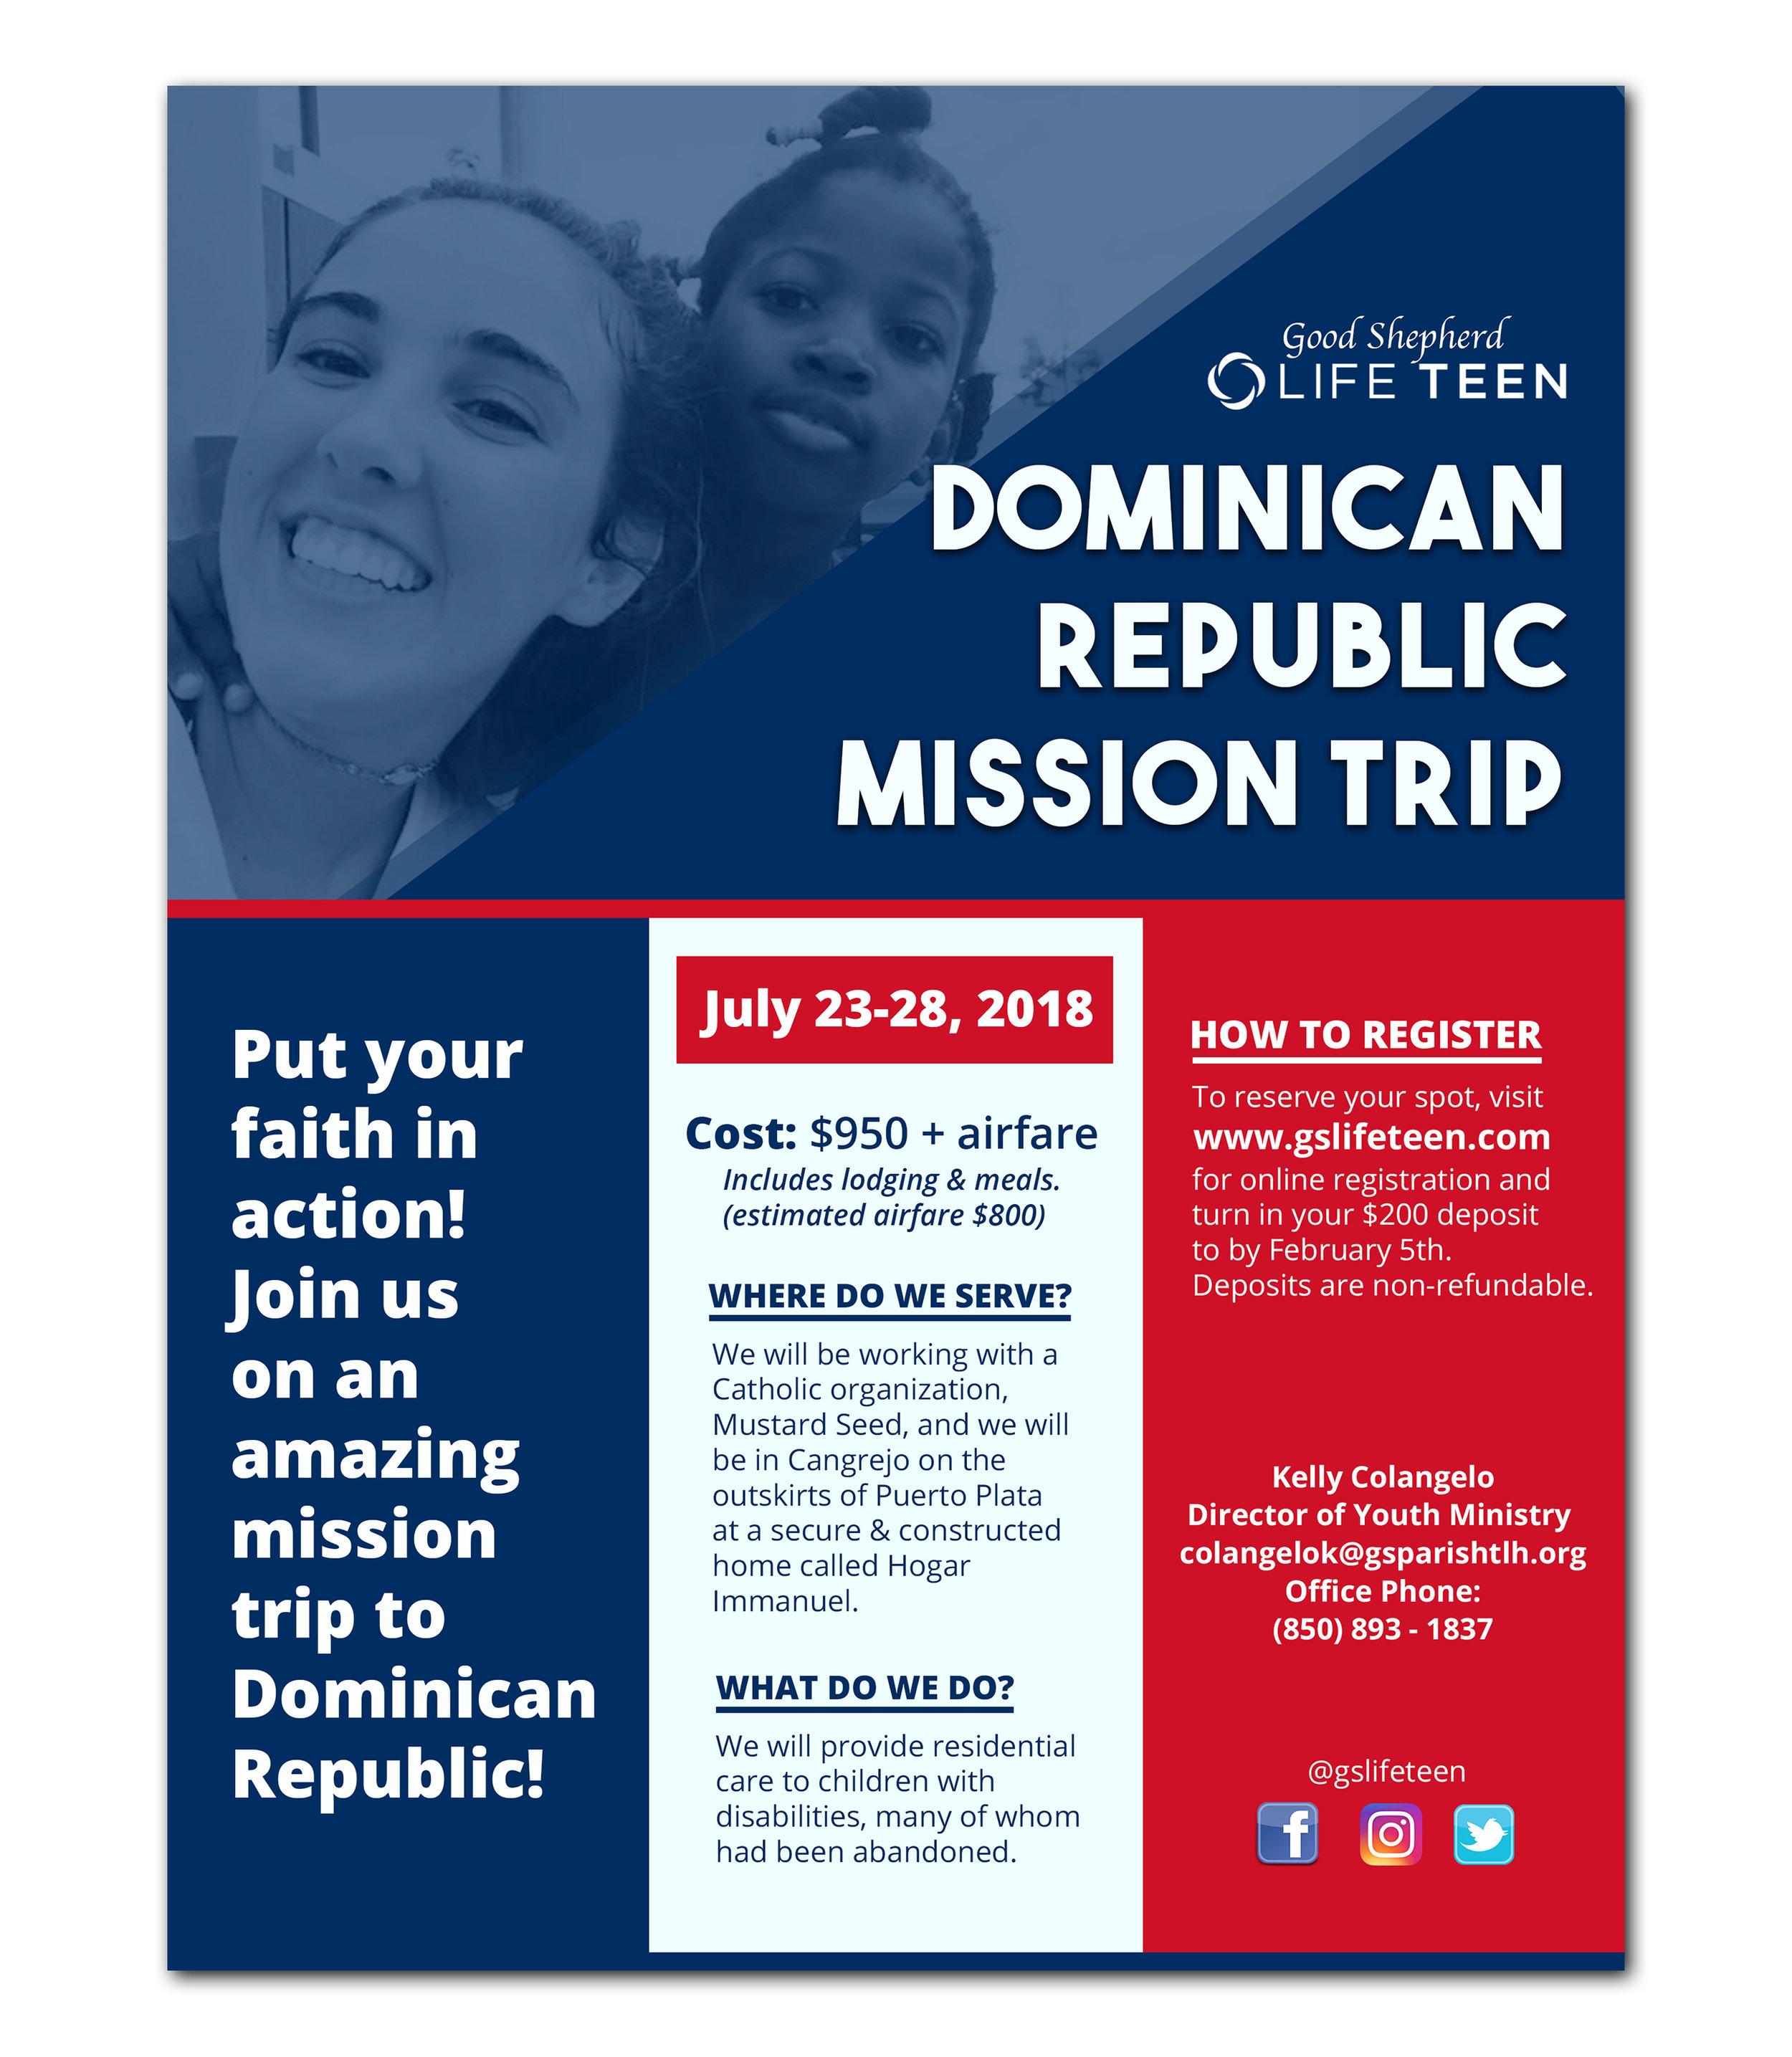 DominicanRepublicflier.jpg